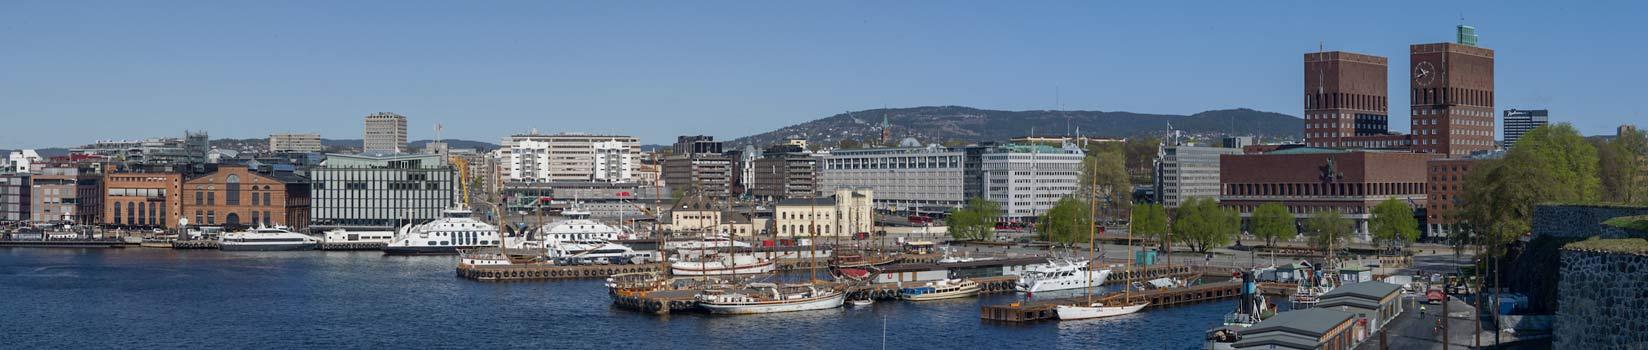 Oslo sett fra sjøsiden med Aker brygge og rådhuset